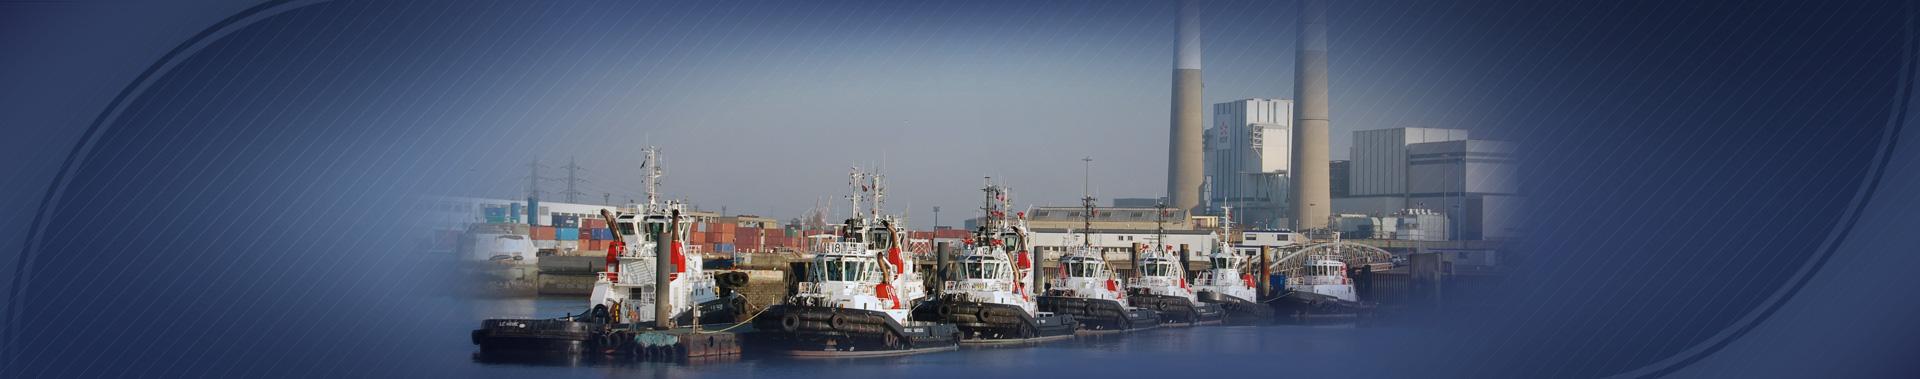 bg-slider1-offshore